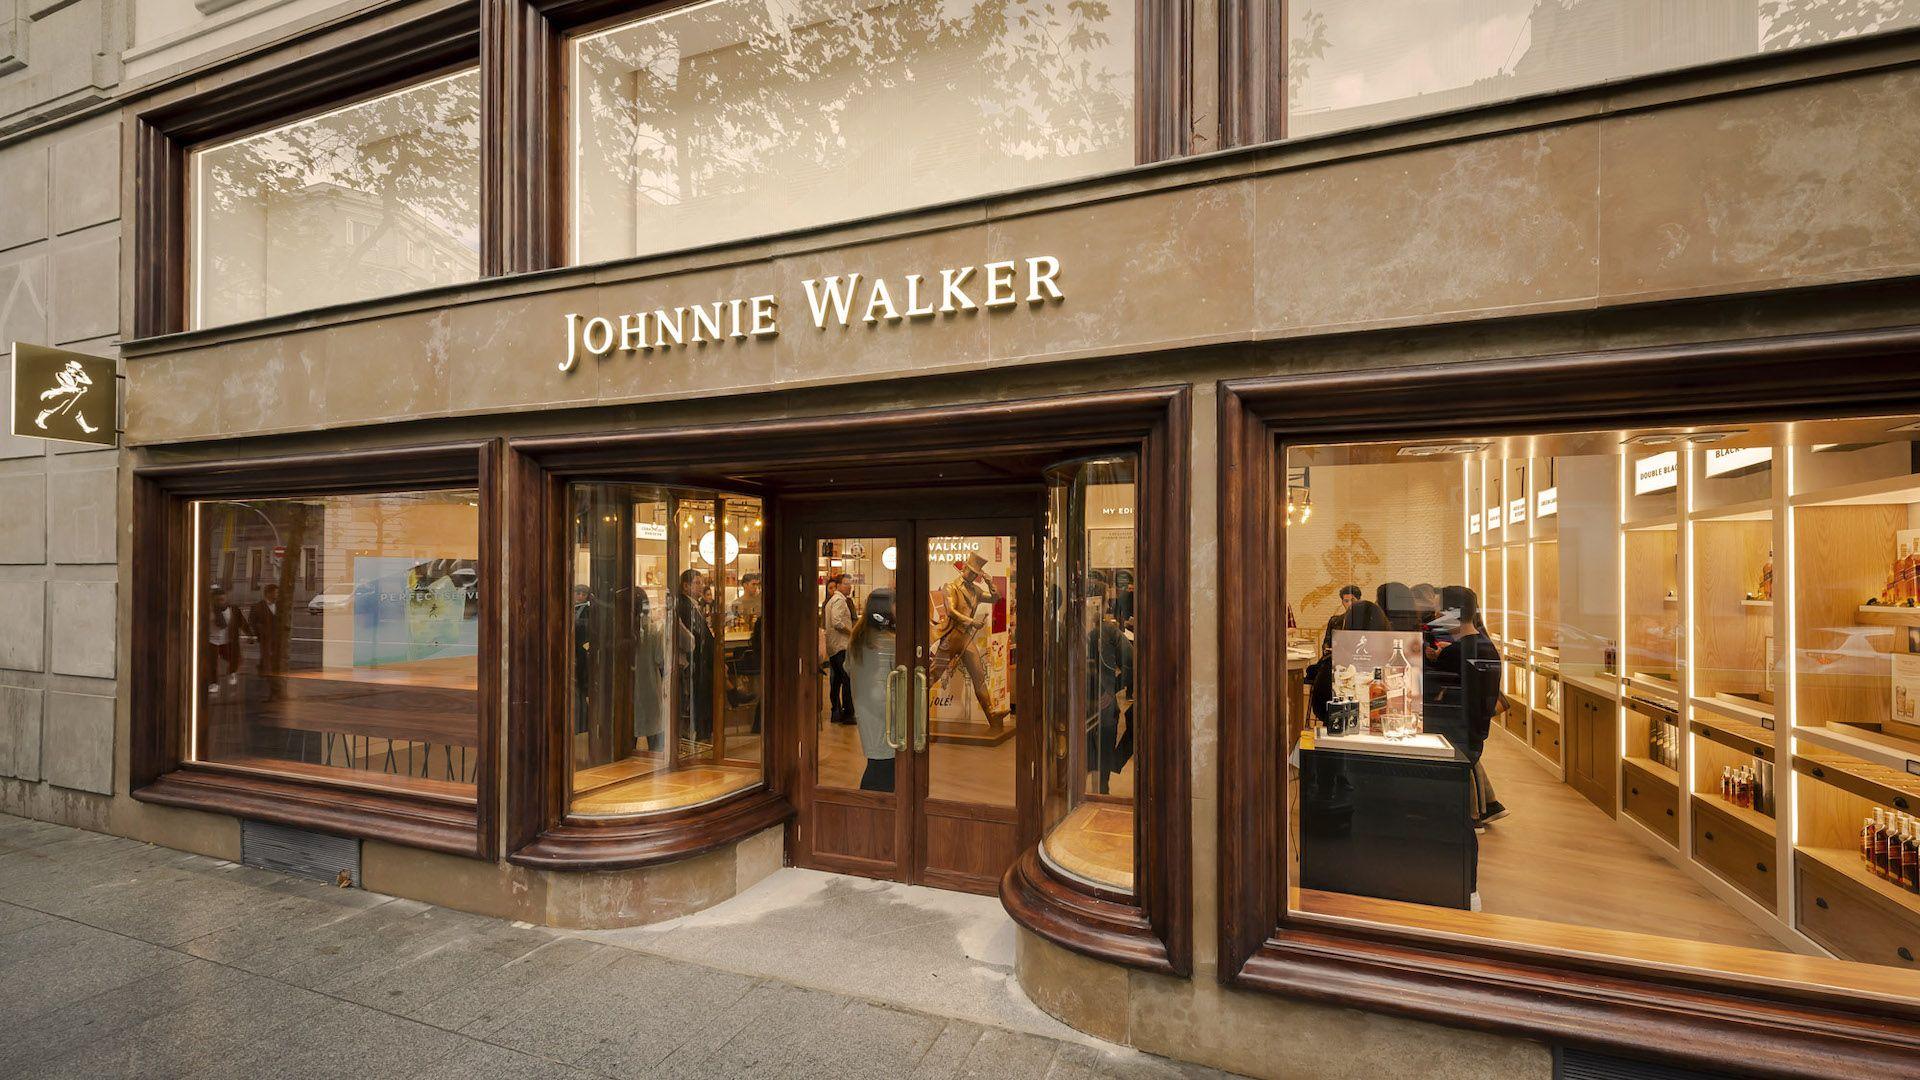 Johnnie Walker abrió su primera tienda experiencial para probar los mejores whiskies